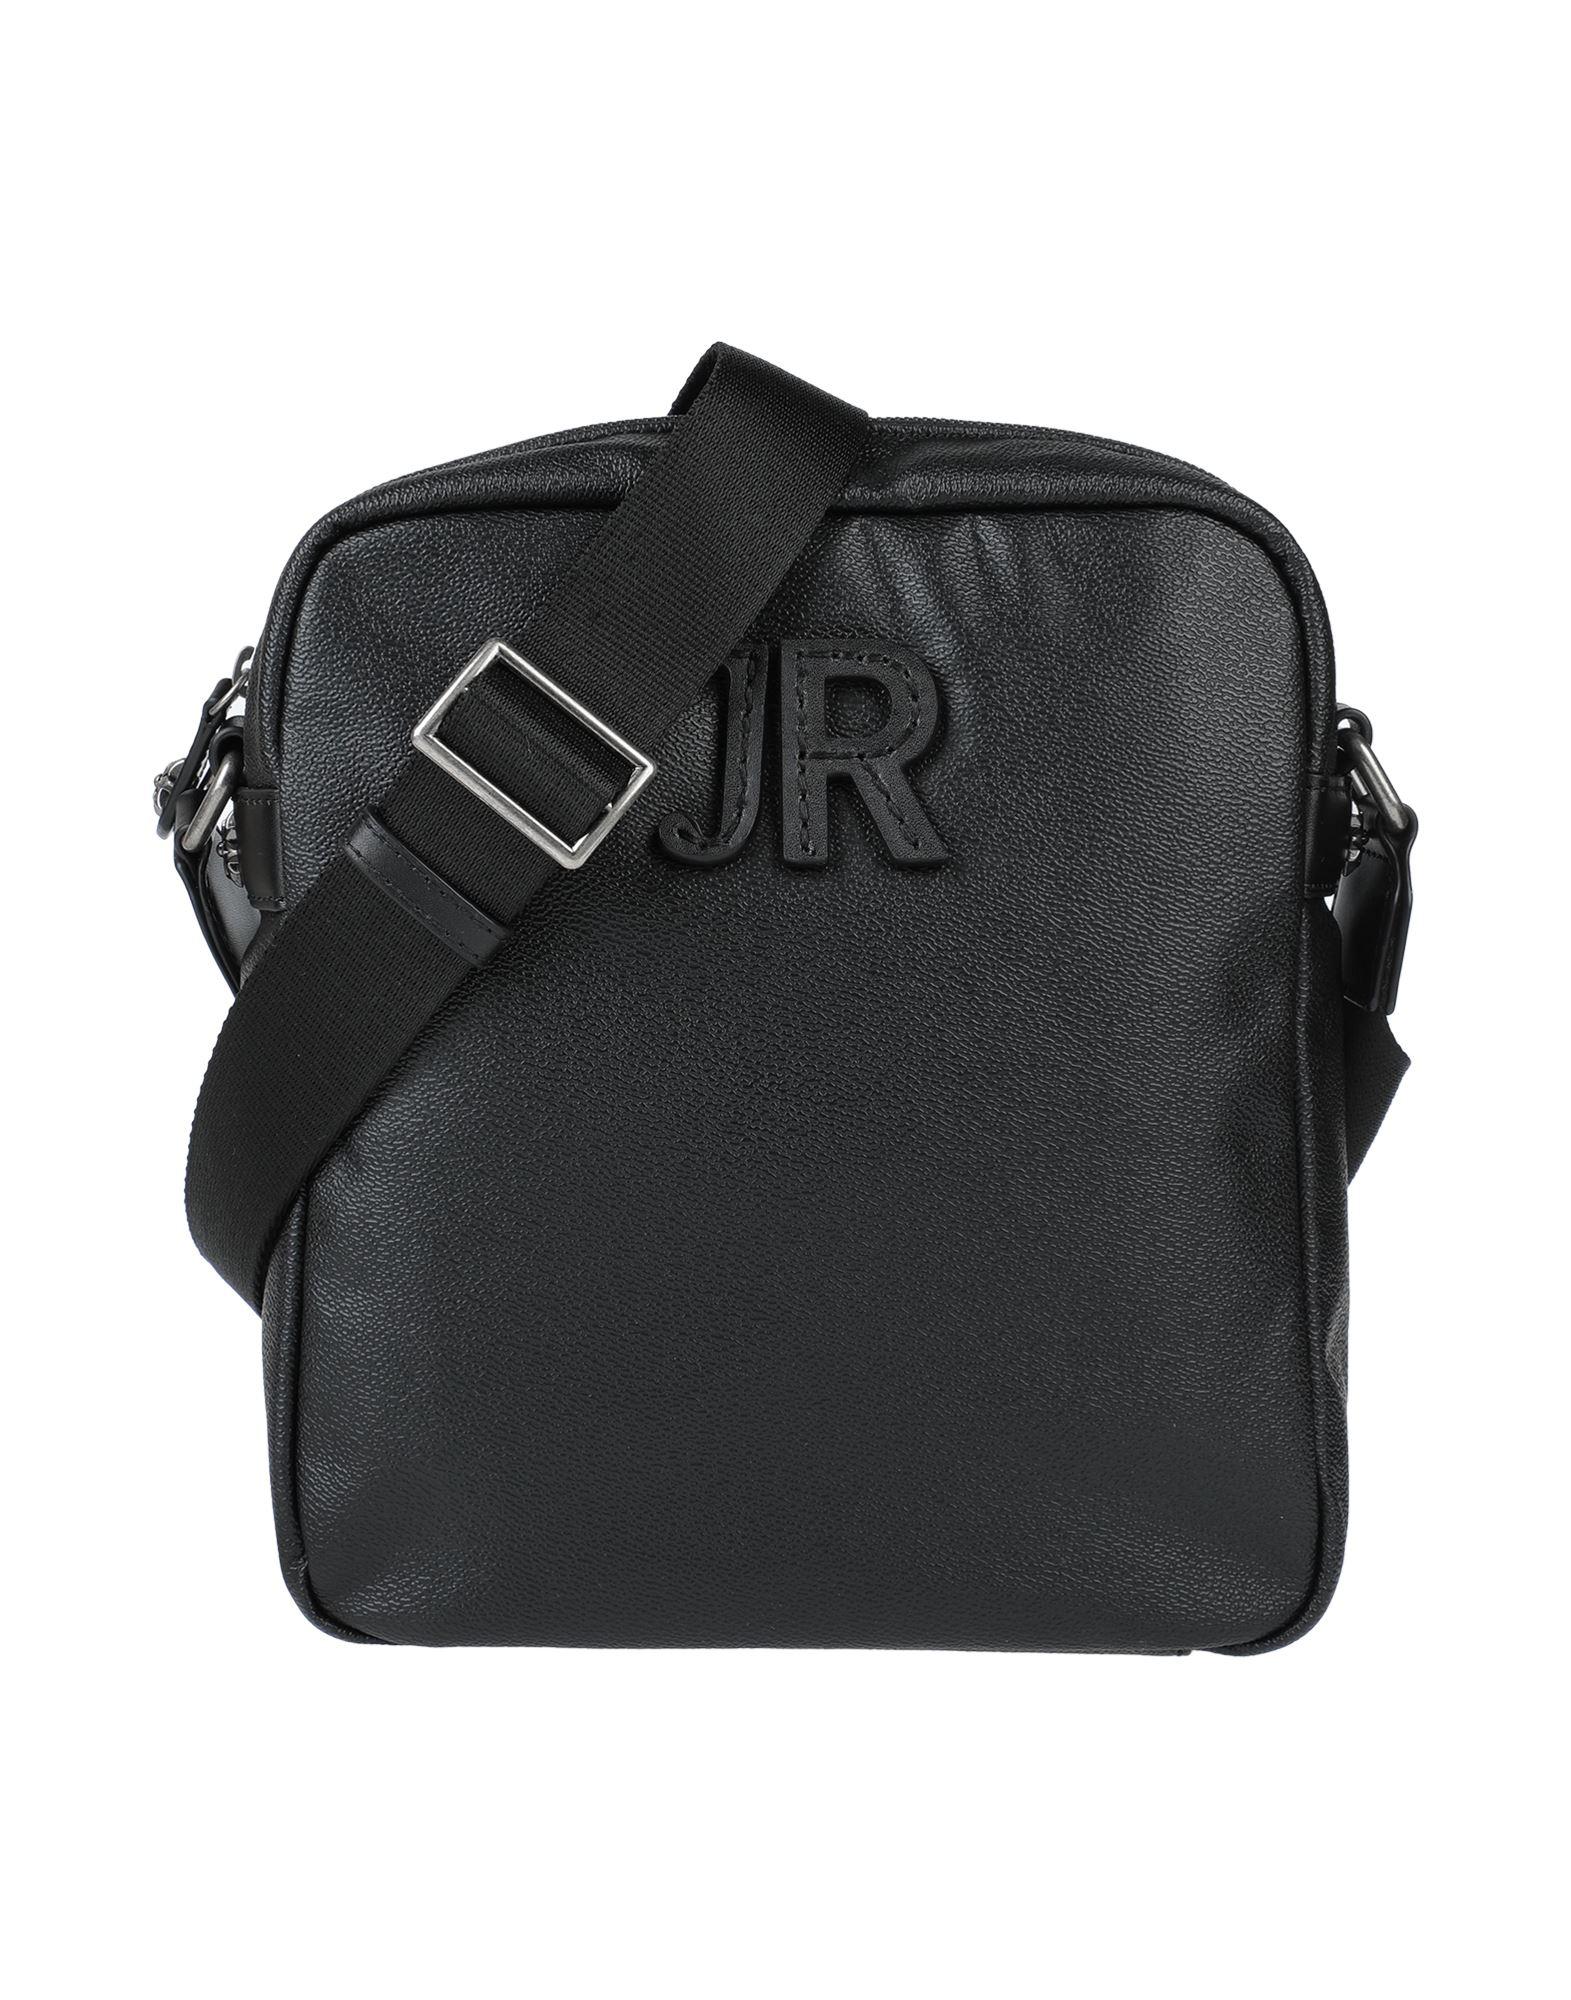 Фото - JOHN RICHMOND Сумка через плечо john richmond сумка через плечо